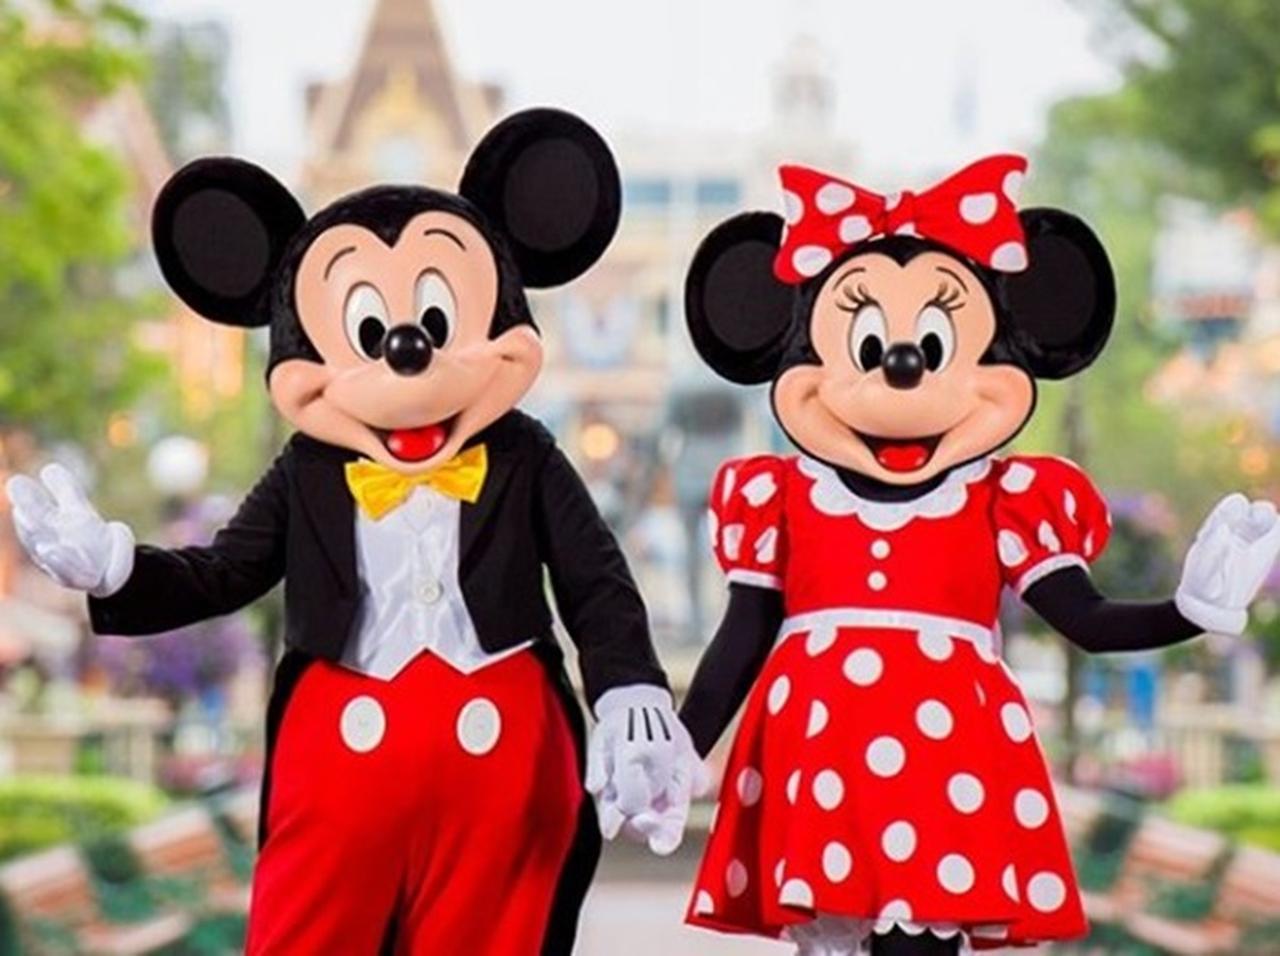 ディズニーランドで男性がミニーにプロポーズ!それを見たミッキーが取っ